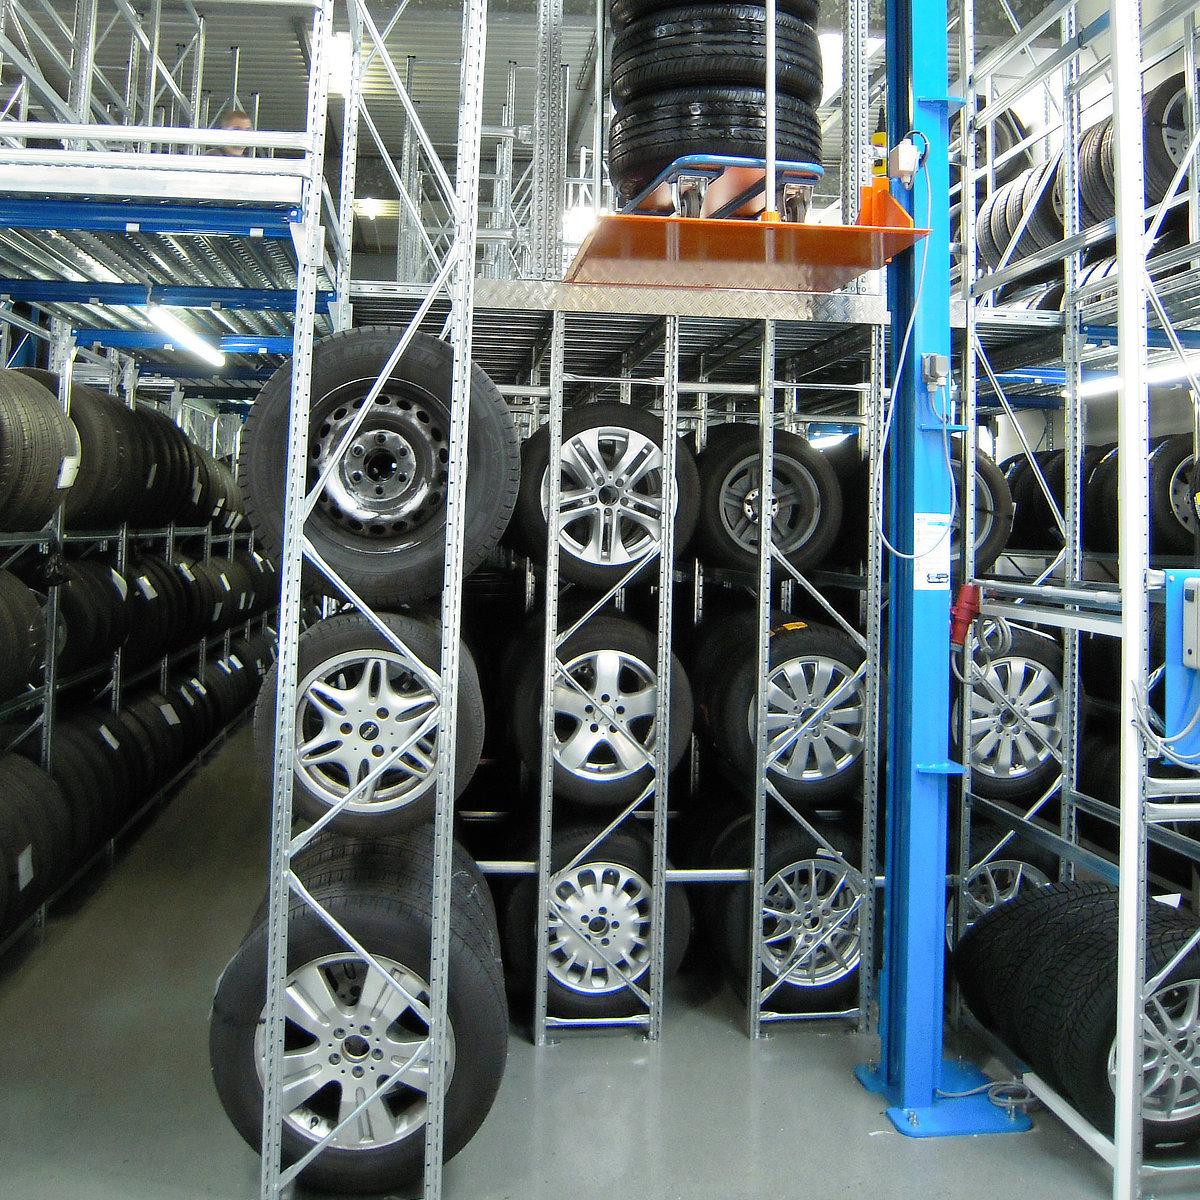 Dækreoler til dækfirmaer og autoværksteder